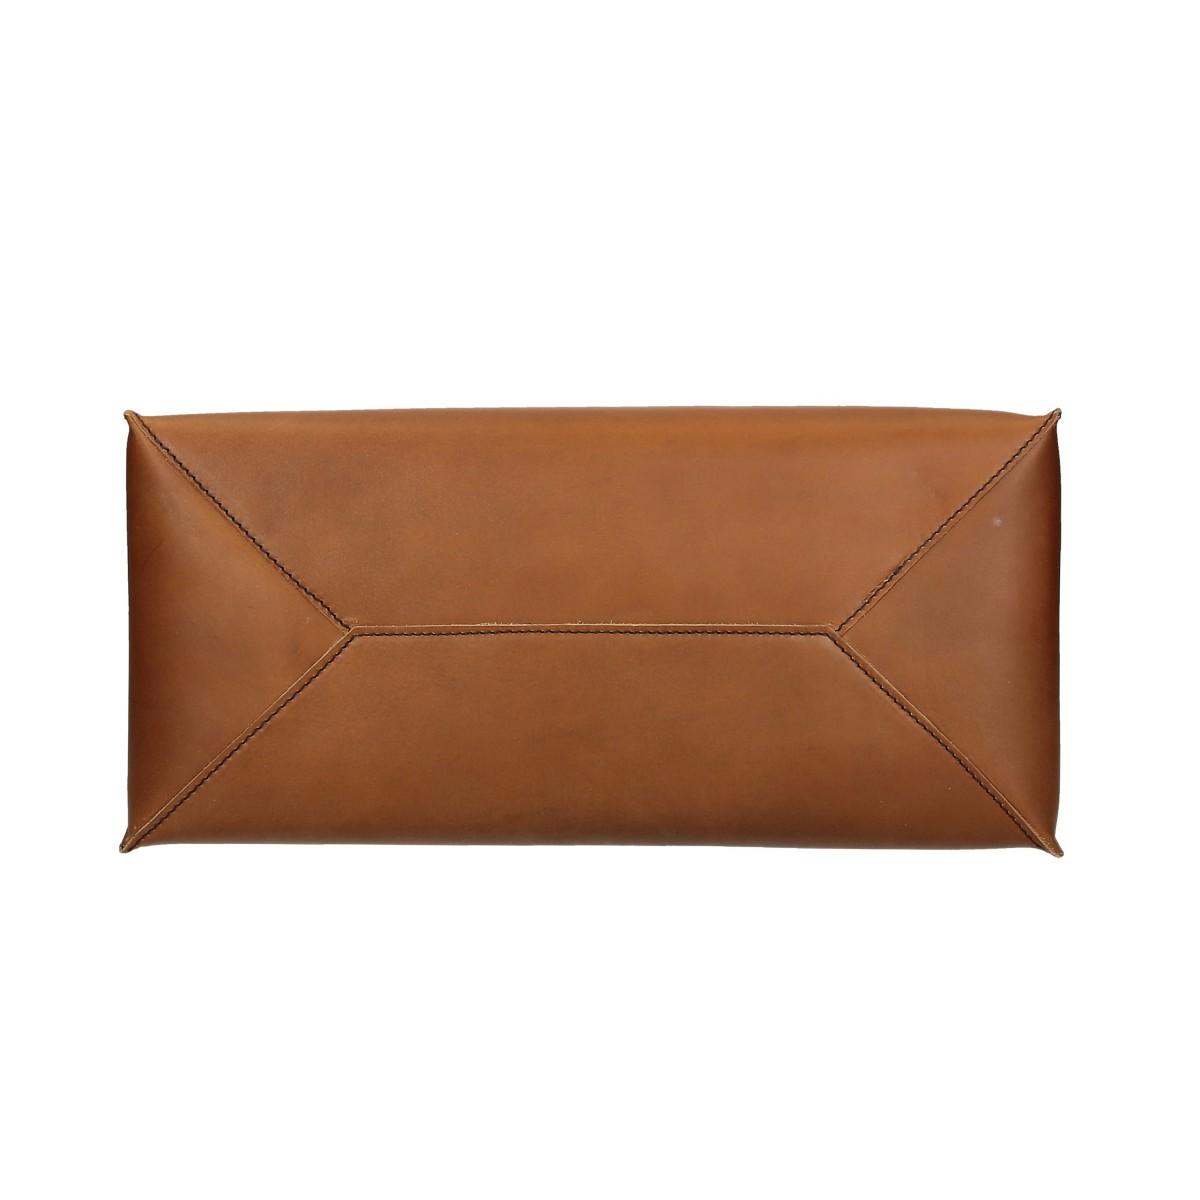 360f2b03217 ... Bolso shopping de piel marrón claro hechos a mano